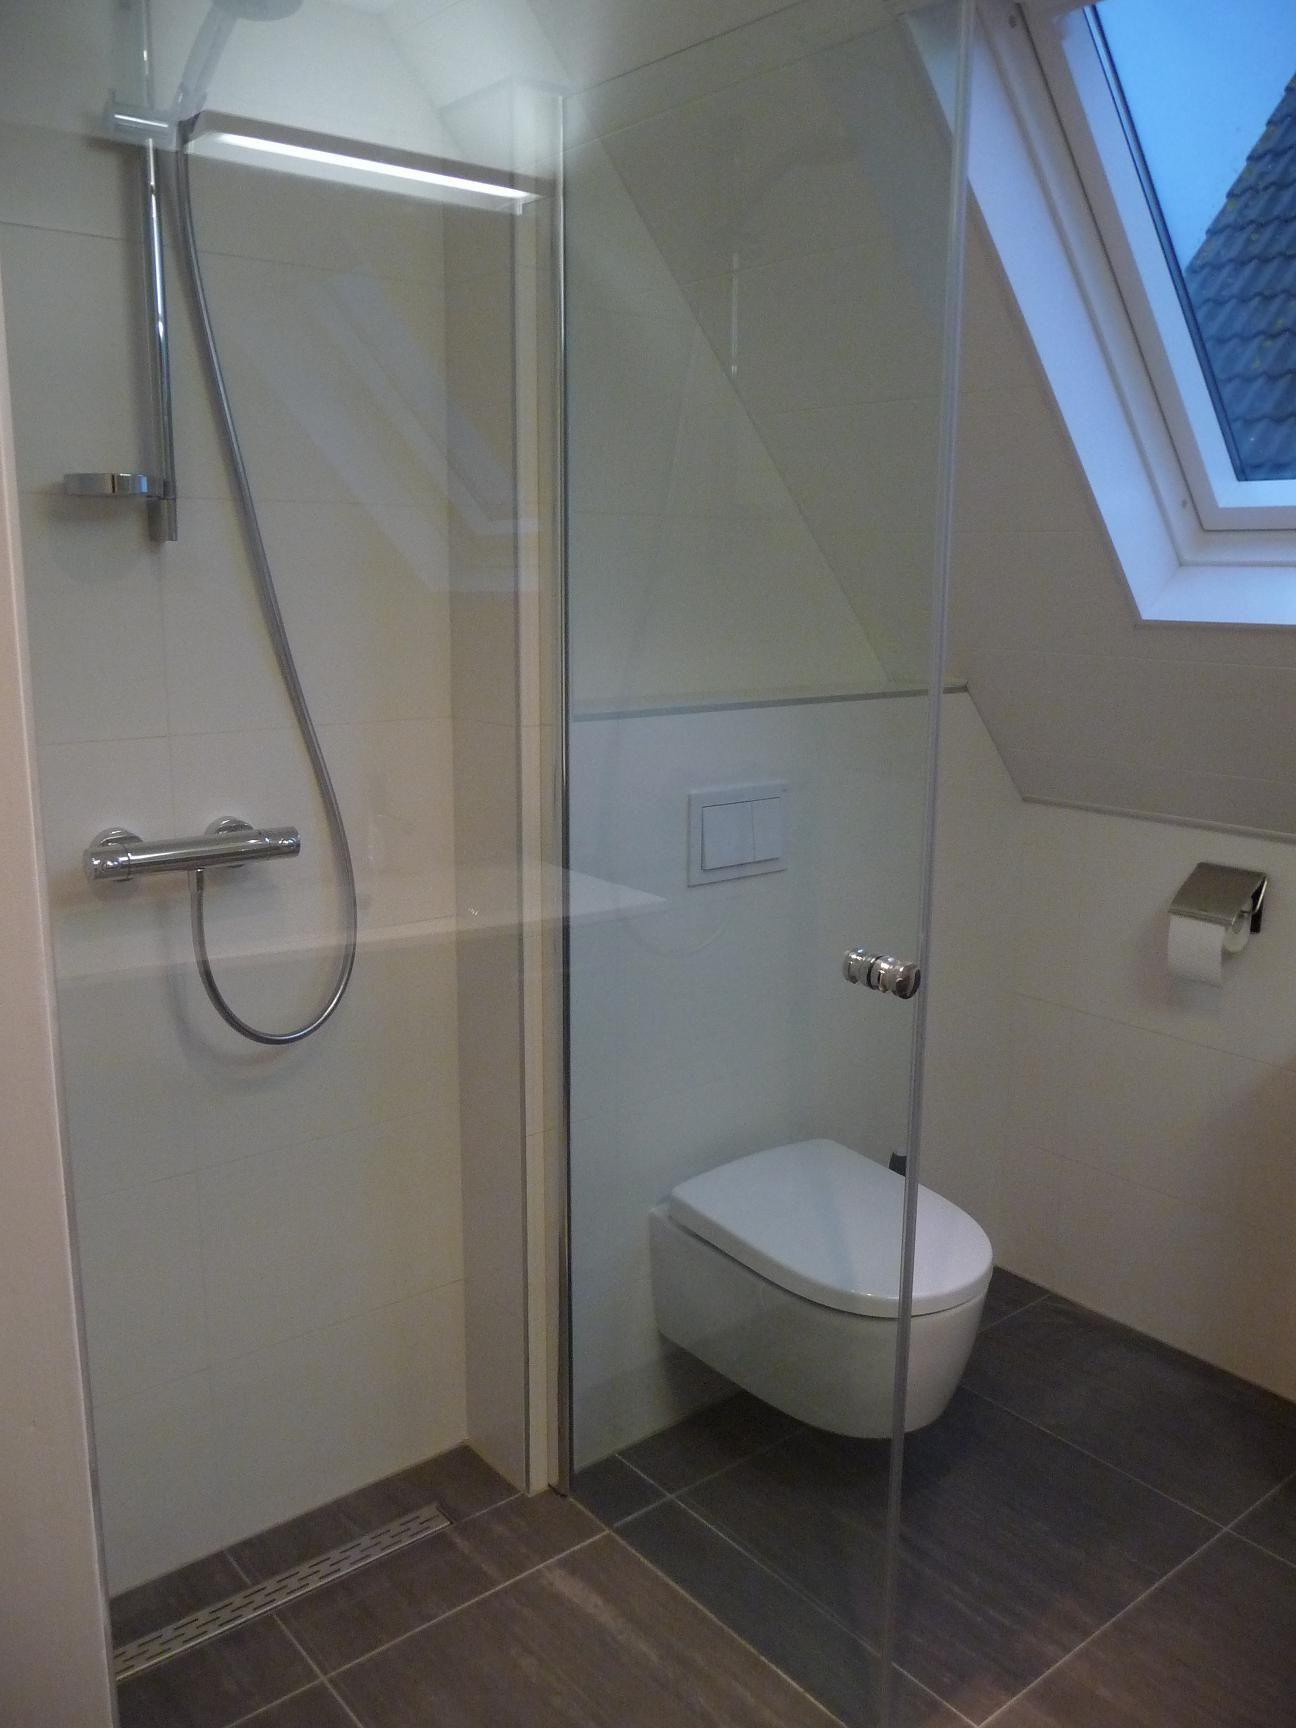 badkamer onder schuin dak - Google zoeken | Badkamer | Pinterest ...